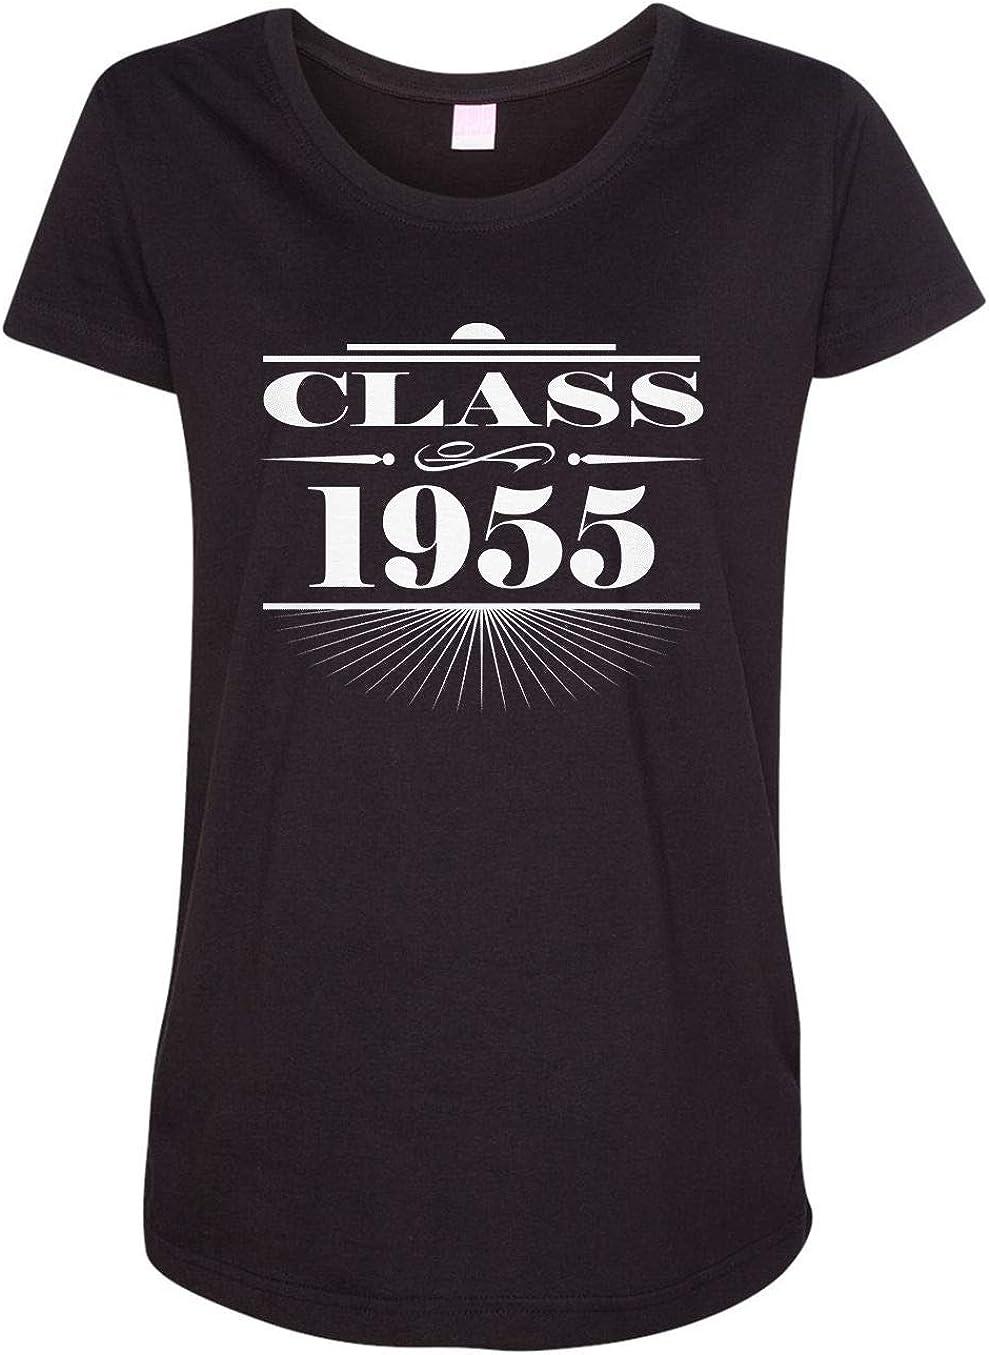 HARD EDGE DESIGN Women's Art Deco Class of 1955 T-Shirt